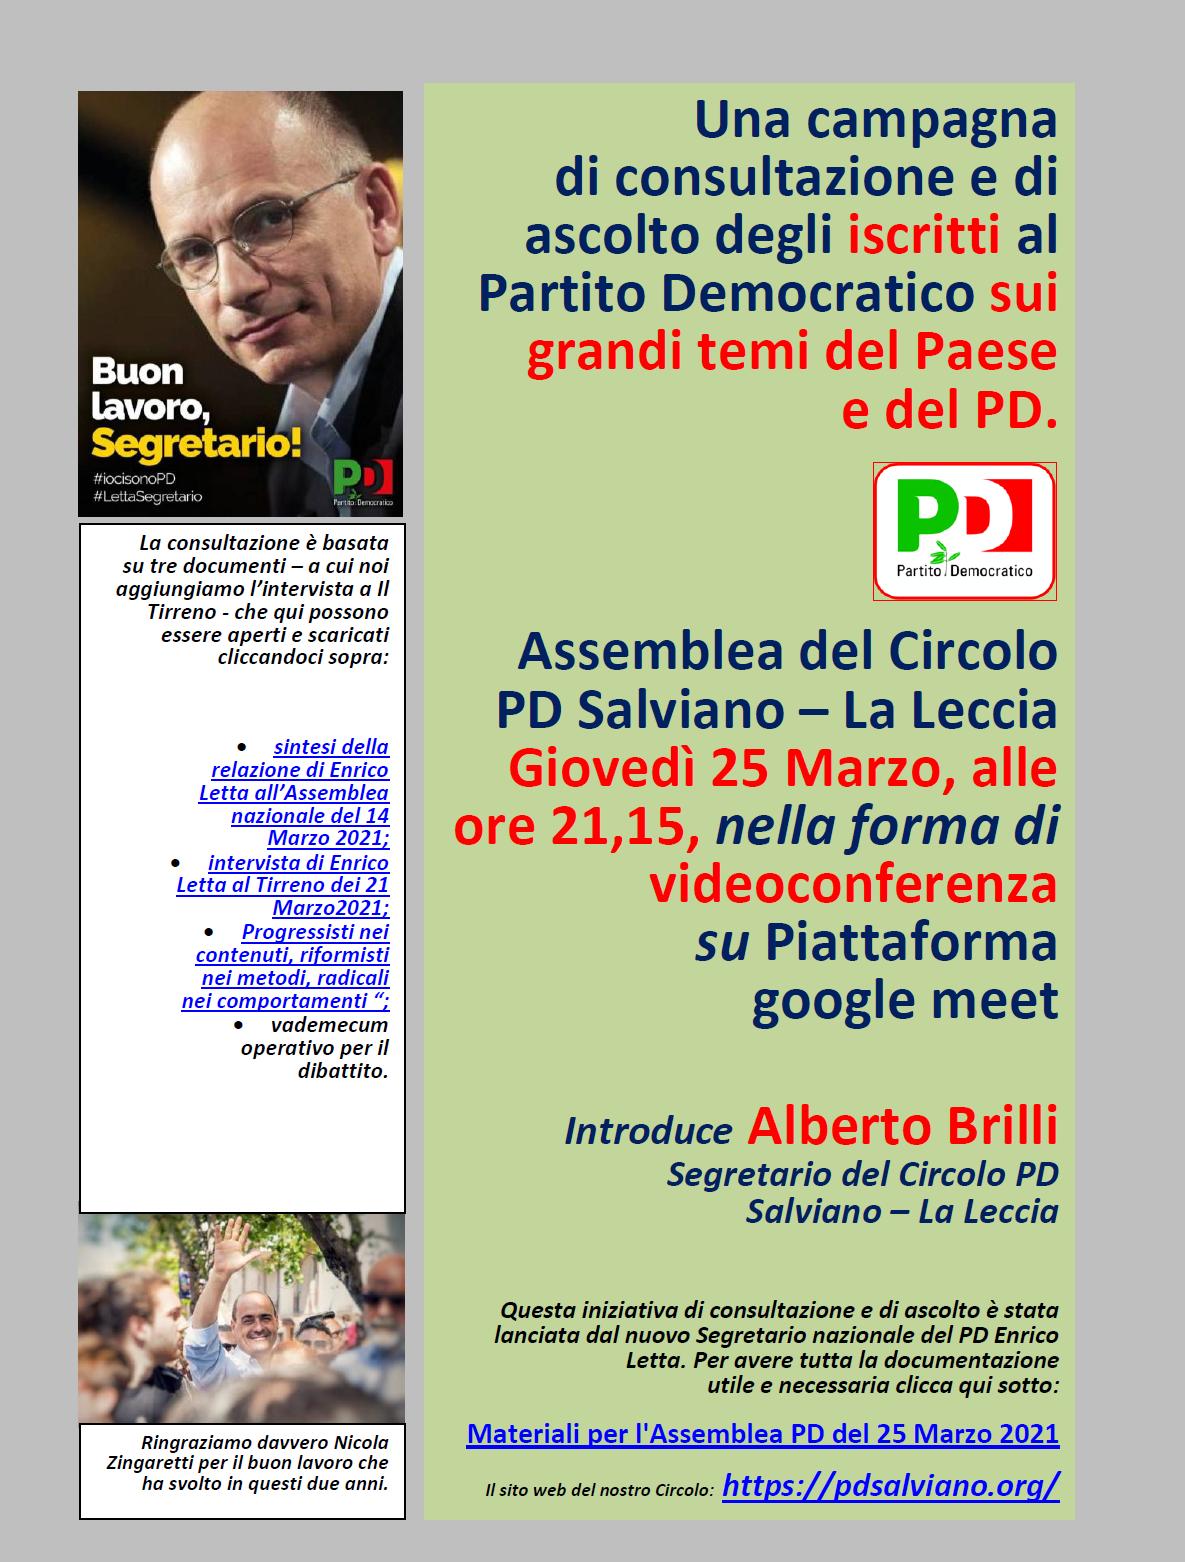 Assemblea di giovedì 25 Marzo 2021 del Circolo Pd di Salviano.